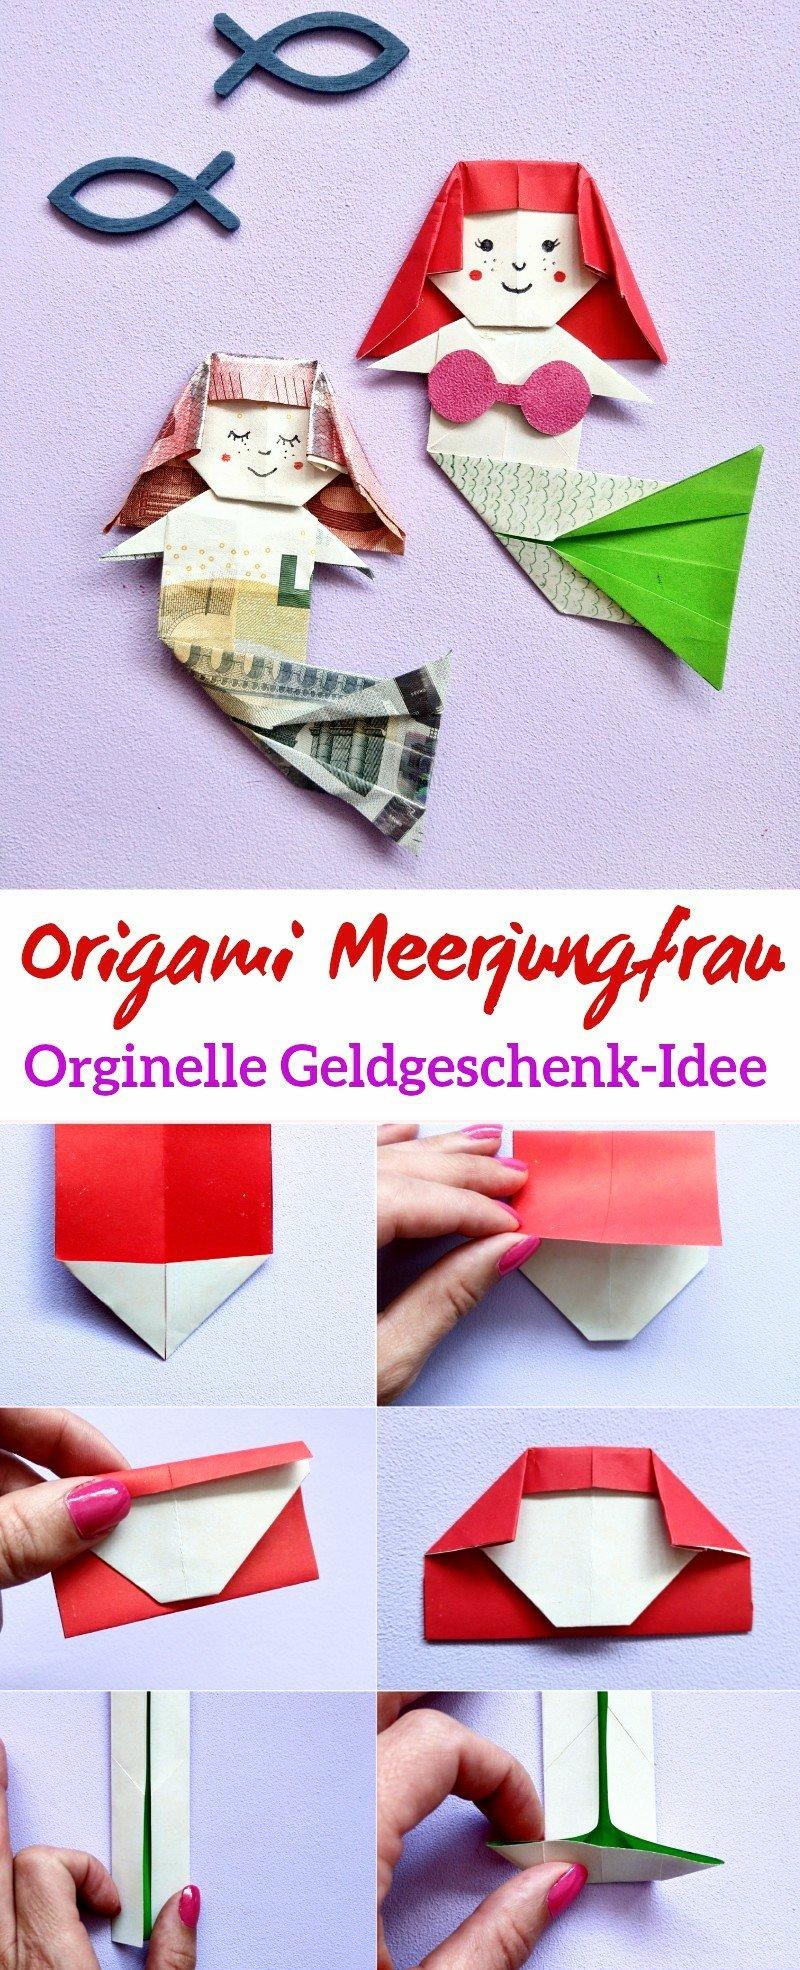 Eine Orginelle Idee um Geldgeschenke zu machen, eine Origami Meerjungfrau. Hier zeige ich euch Schritt für Schritt wie ihr eine Meerjungfrauen aus Papier Oder Geld falten könnt.